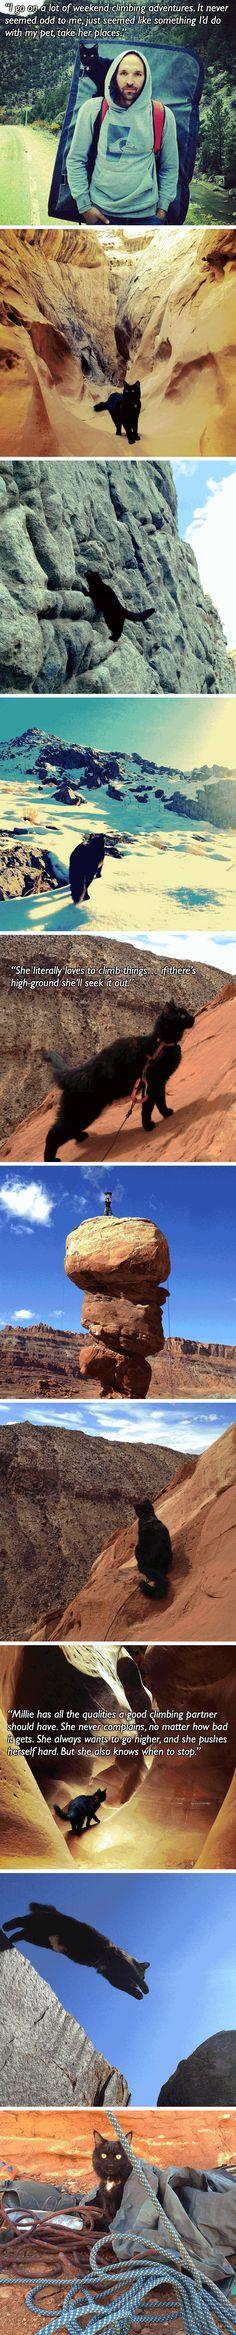 Meet Millie, the mountain climbing cat. ...Absolument pas pour mes chats, ni pour moi d'ailleurs !...